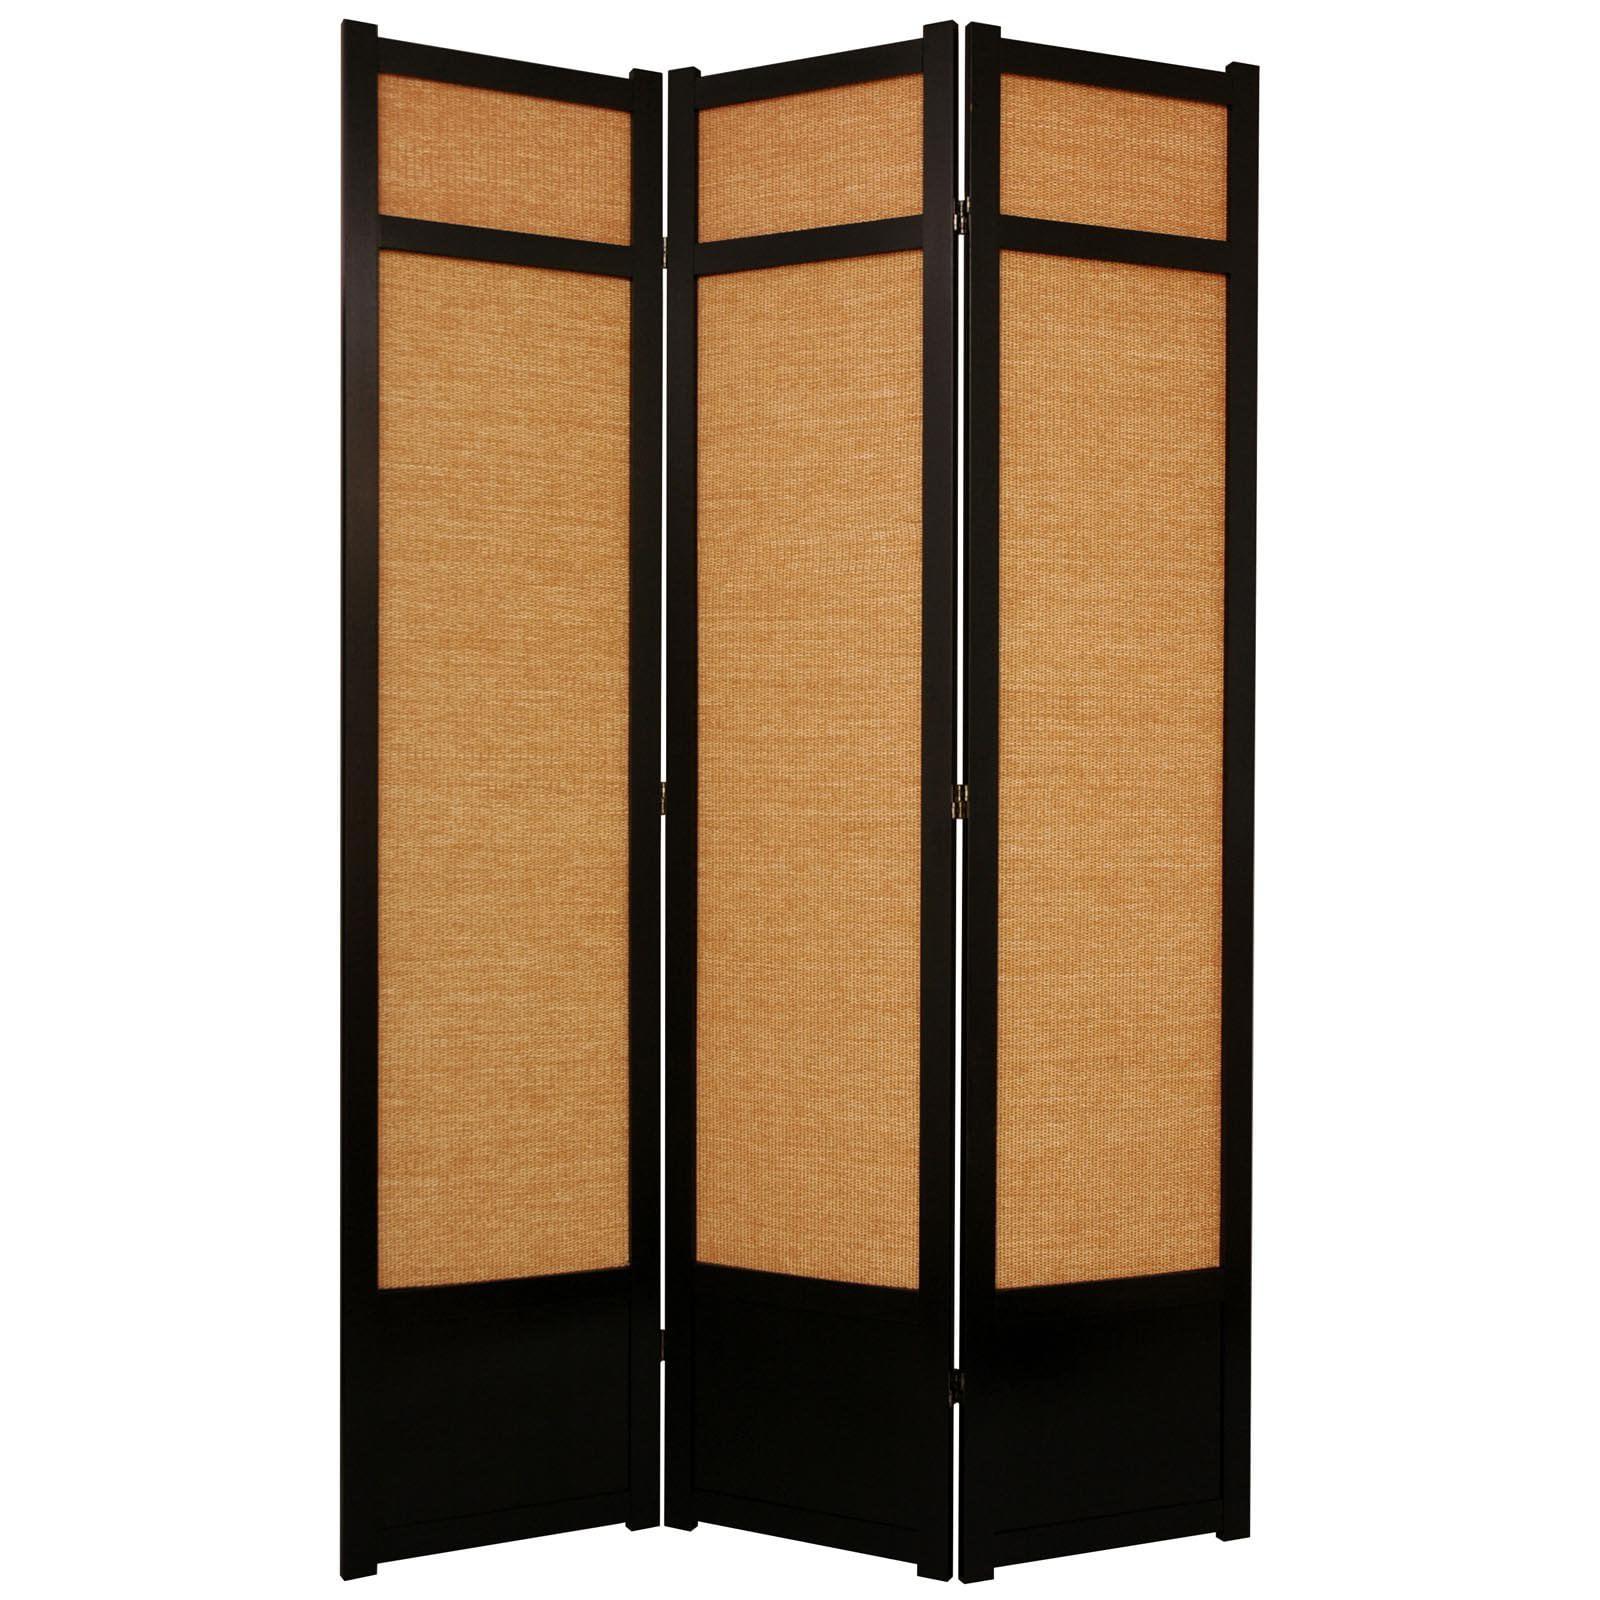 Oriental Furniture Jute Fiber Shoji Screen Room Divider 84 Inch